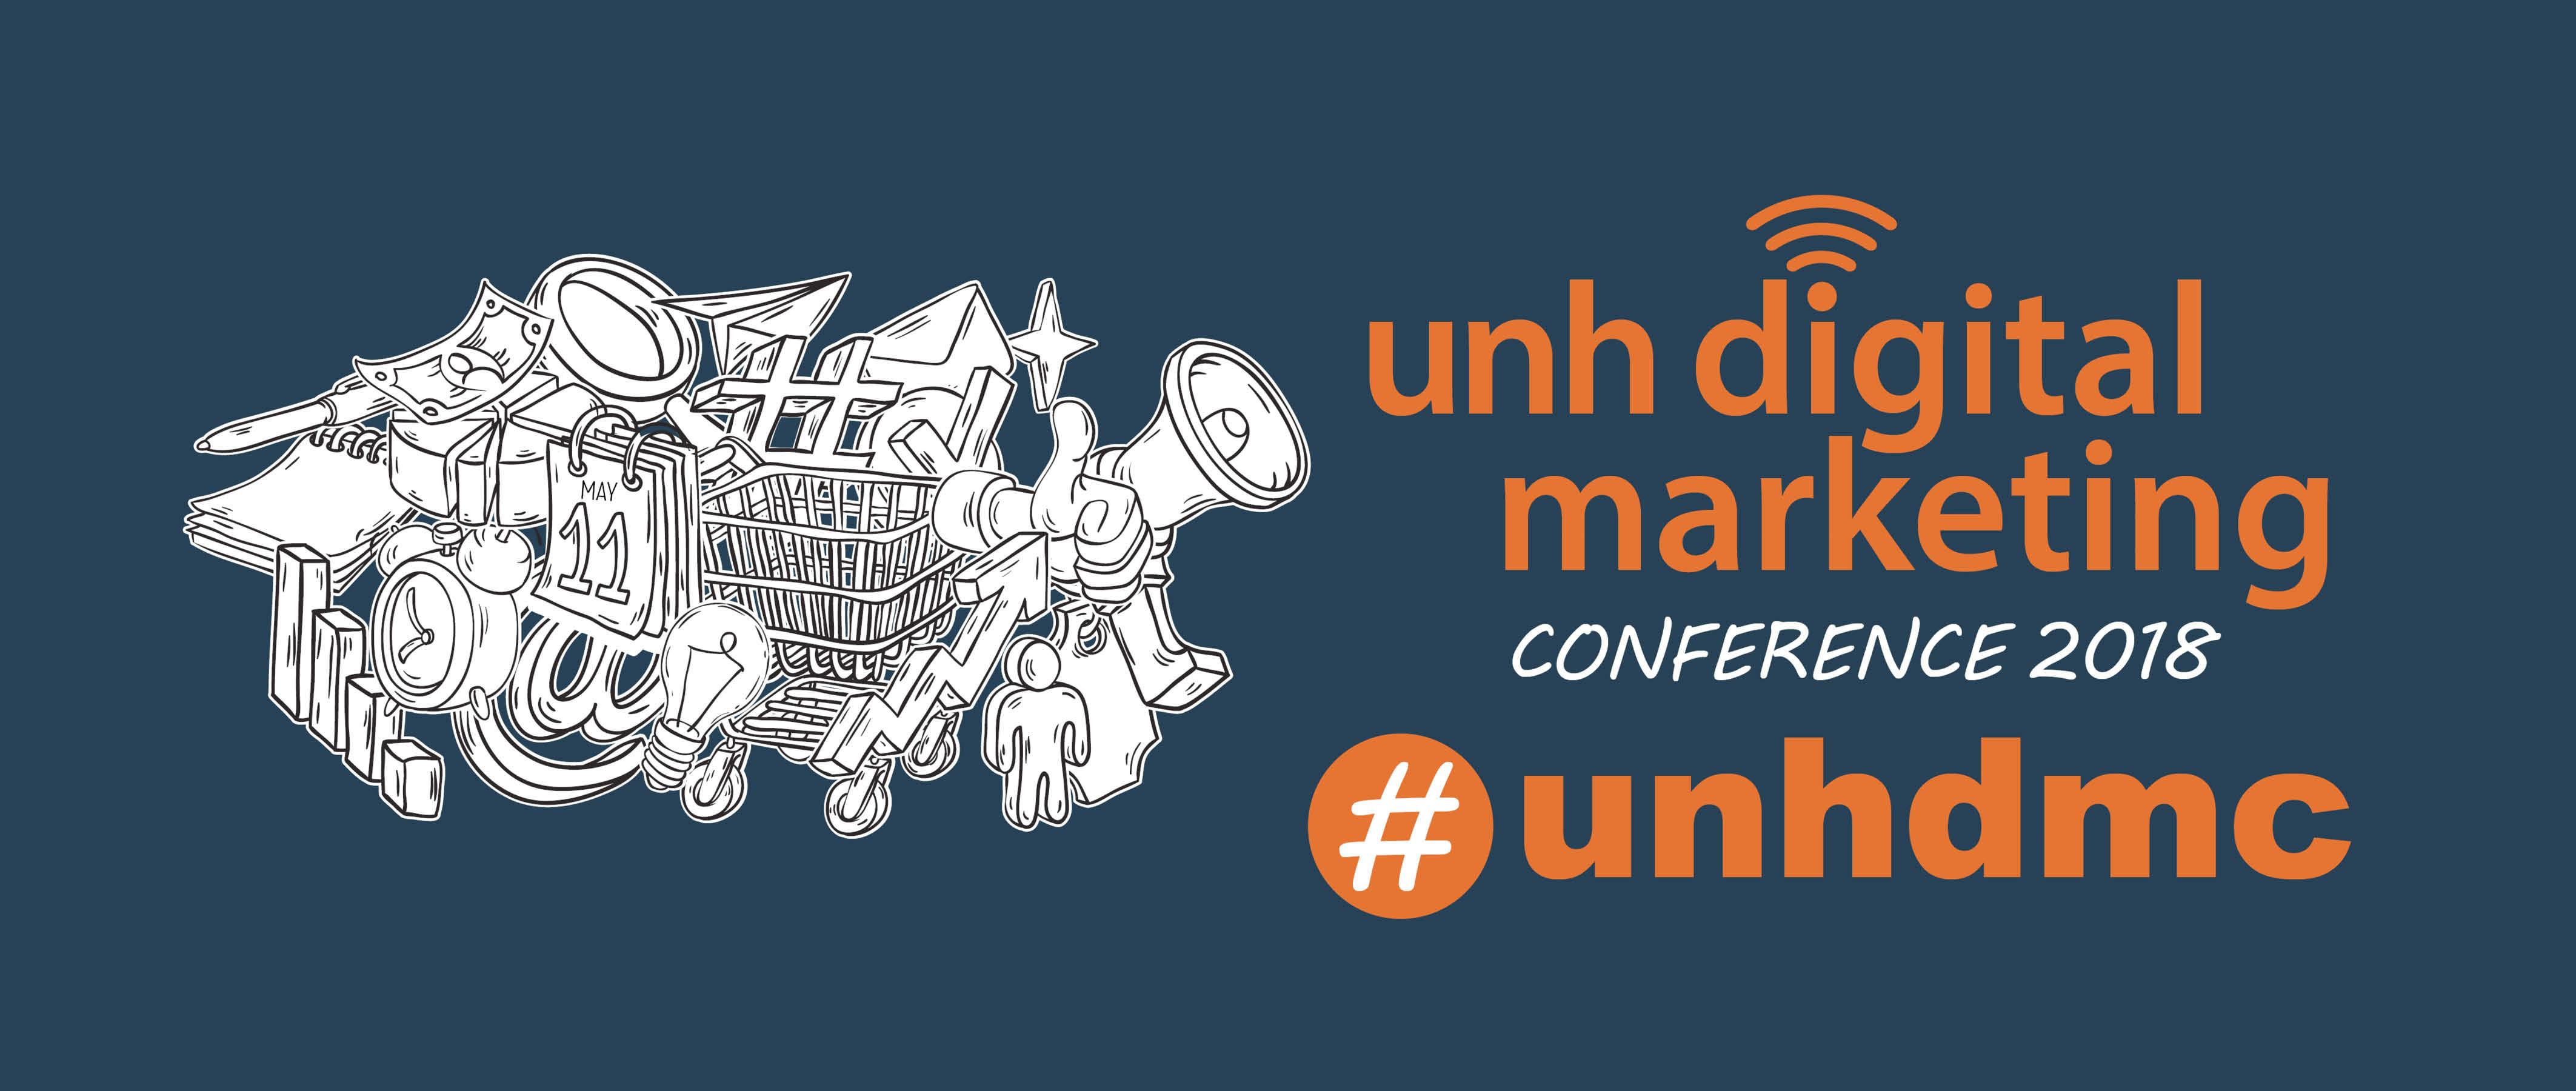 2018 UNH Digital Marketing Conference at UNH